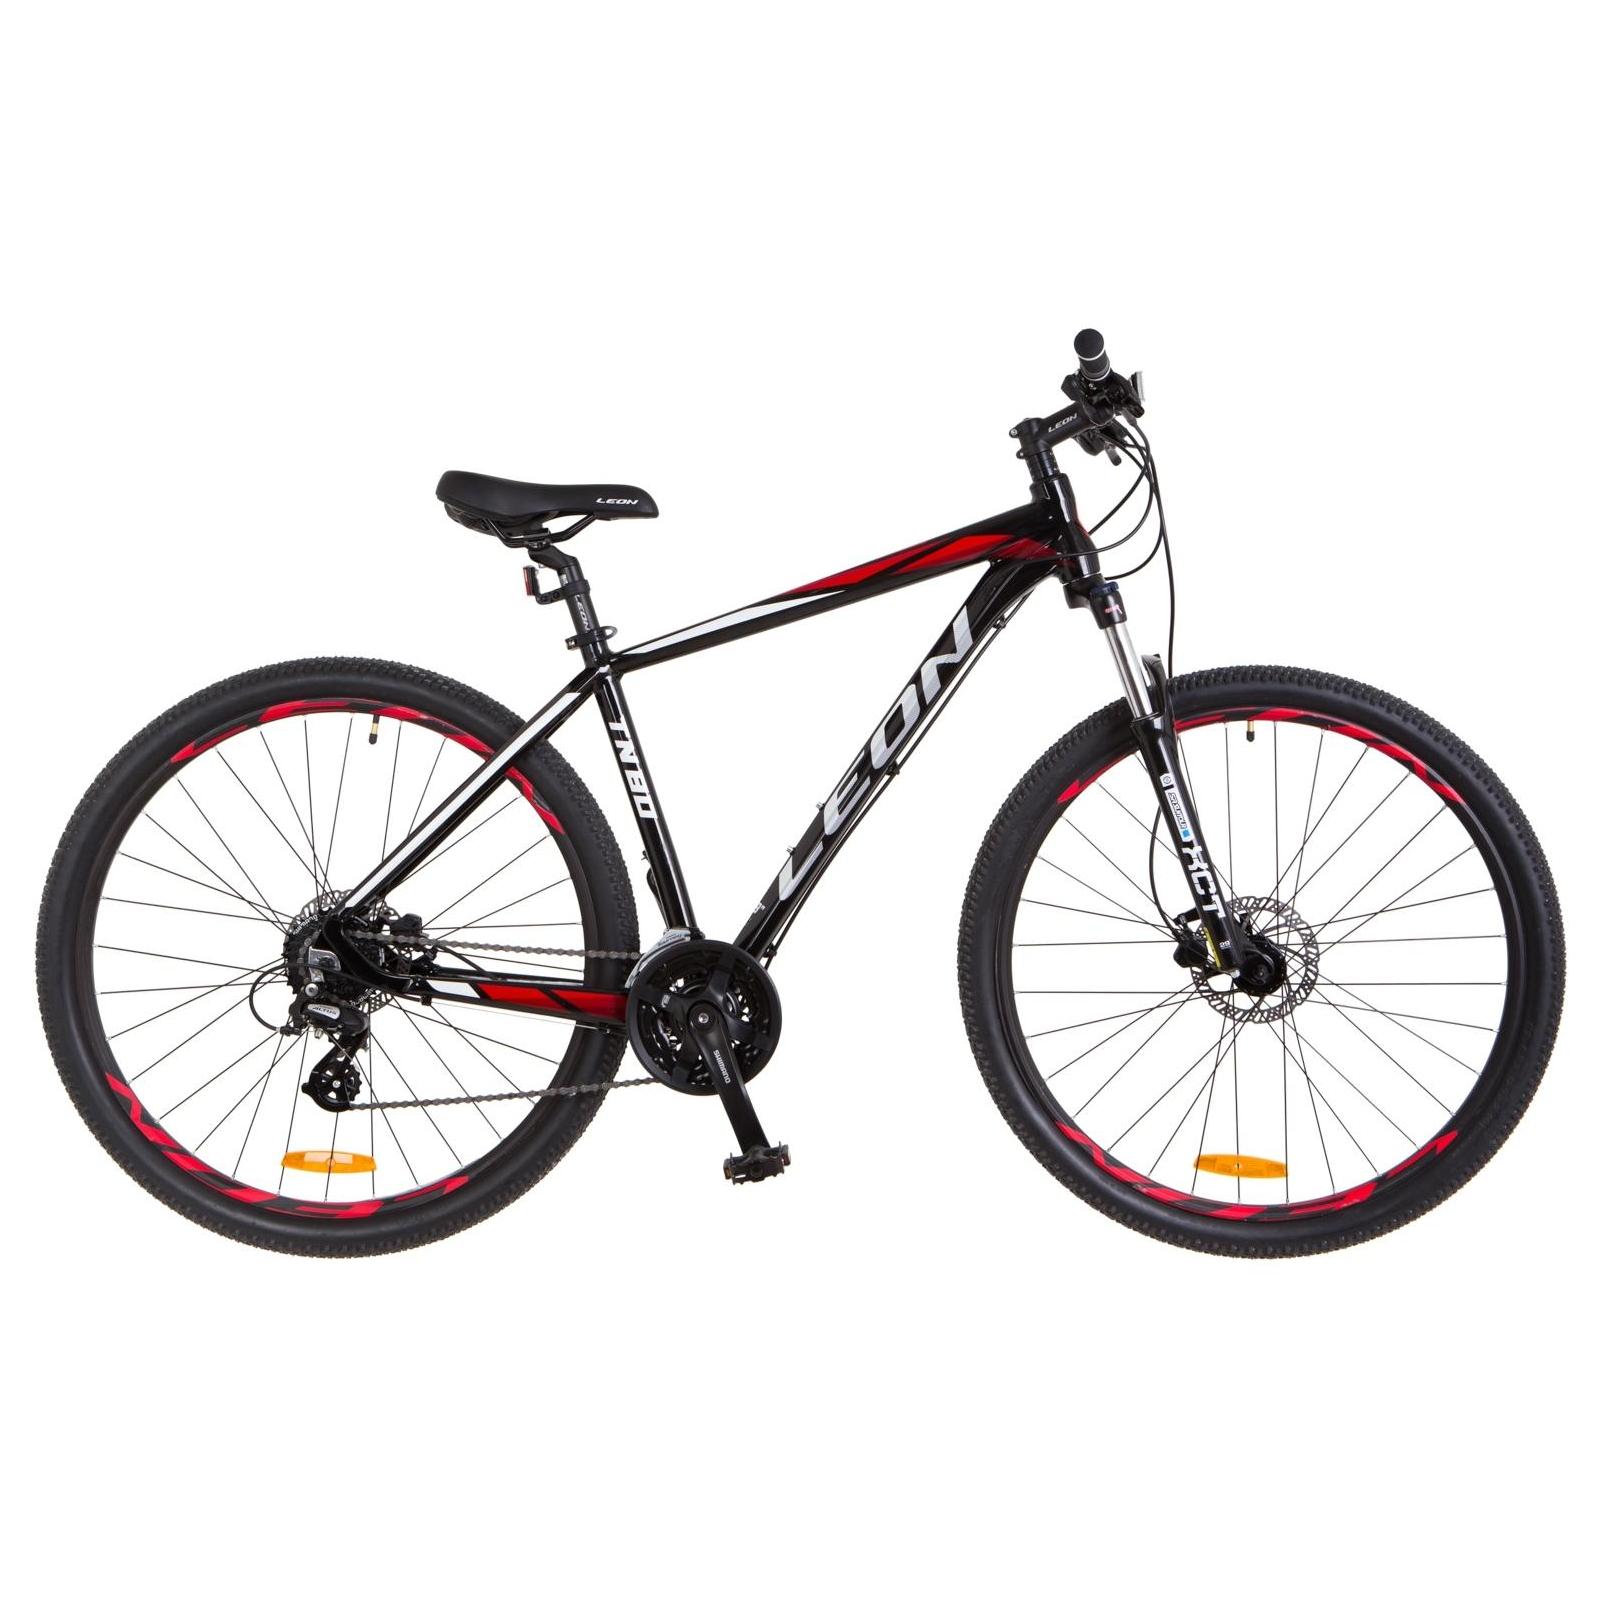 """Велосипед Leon 29"""" TN-80 2018 AM Hydraulic lock out 14G HDD рама-19"""" Al (OPS-LN-29-028)"""